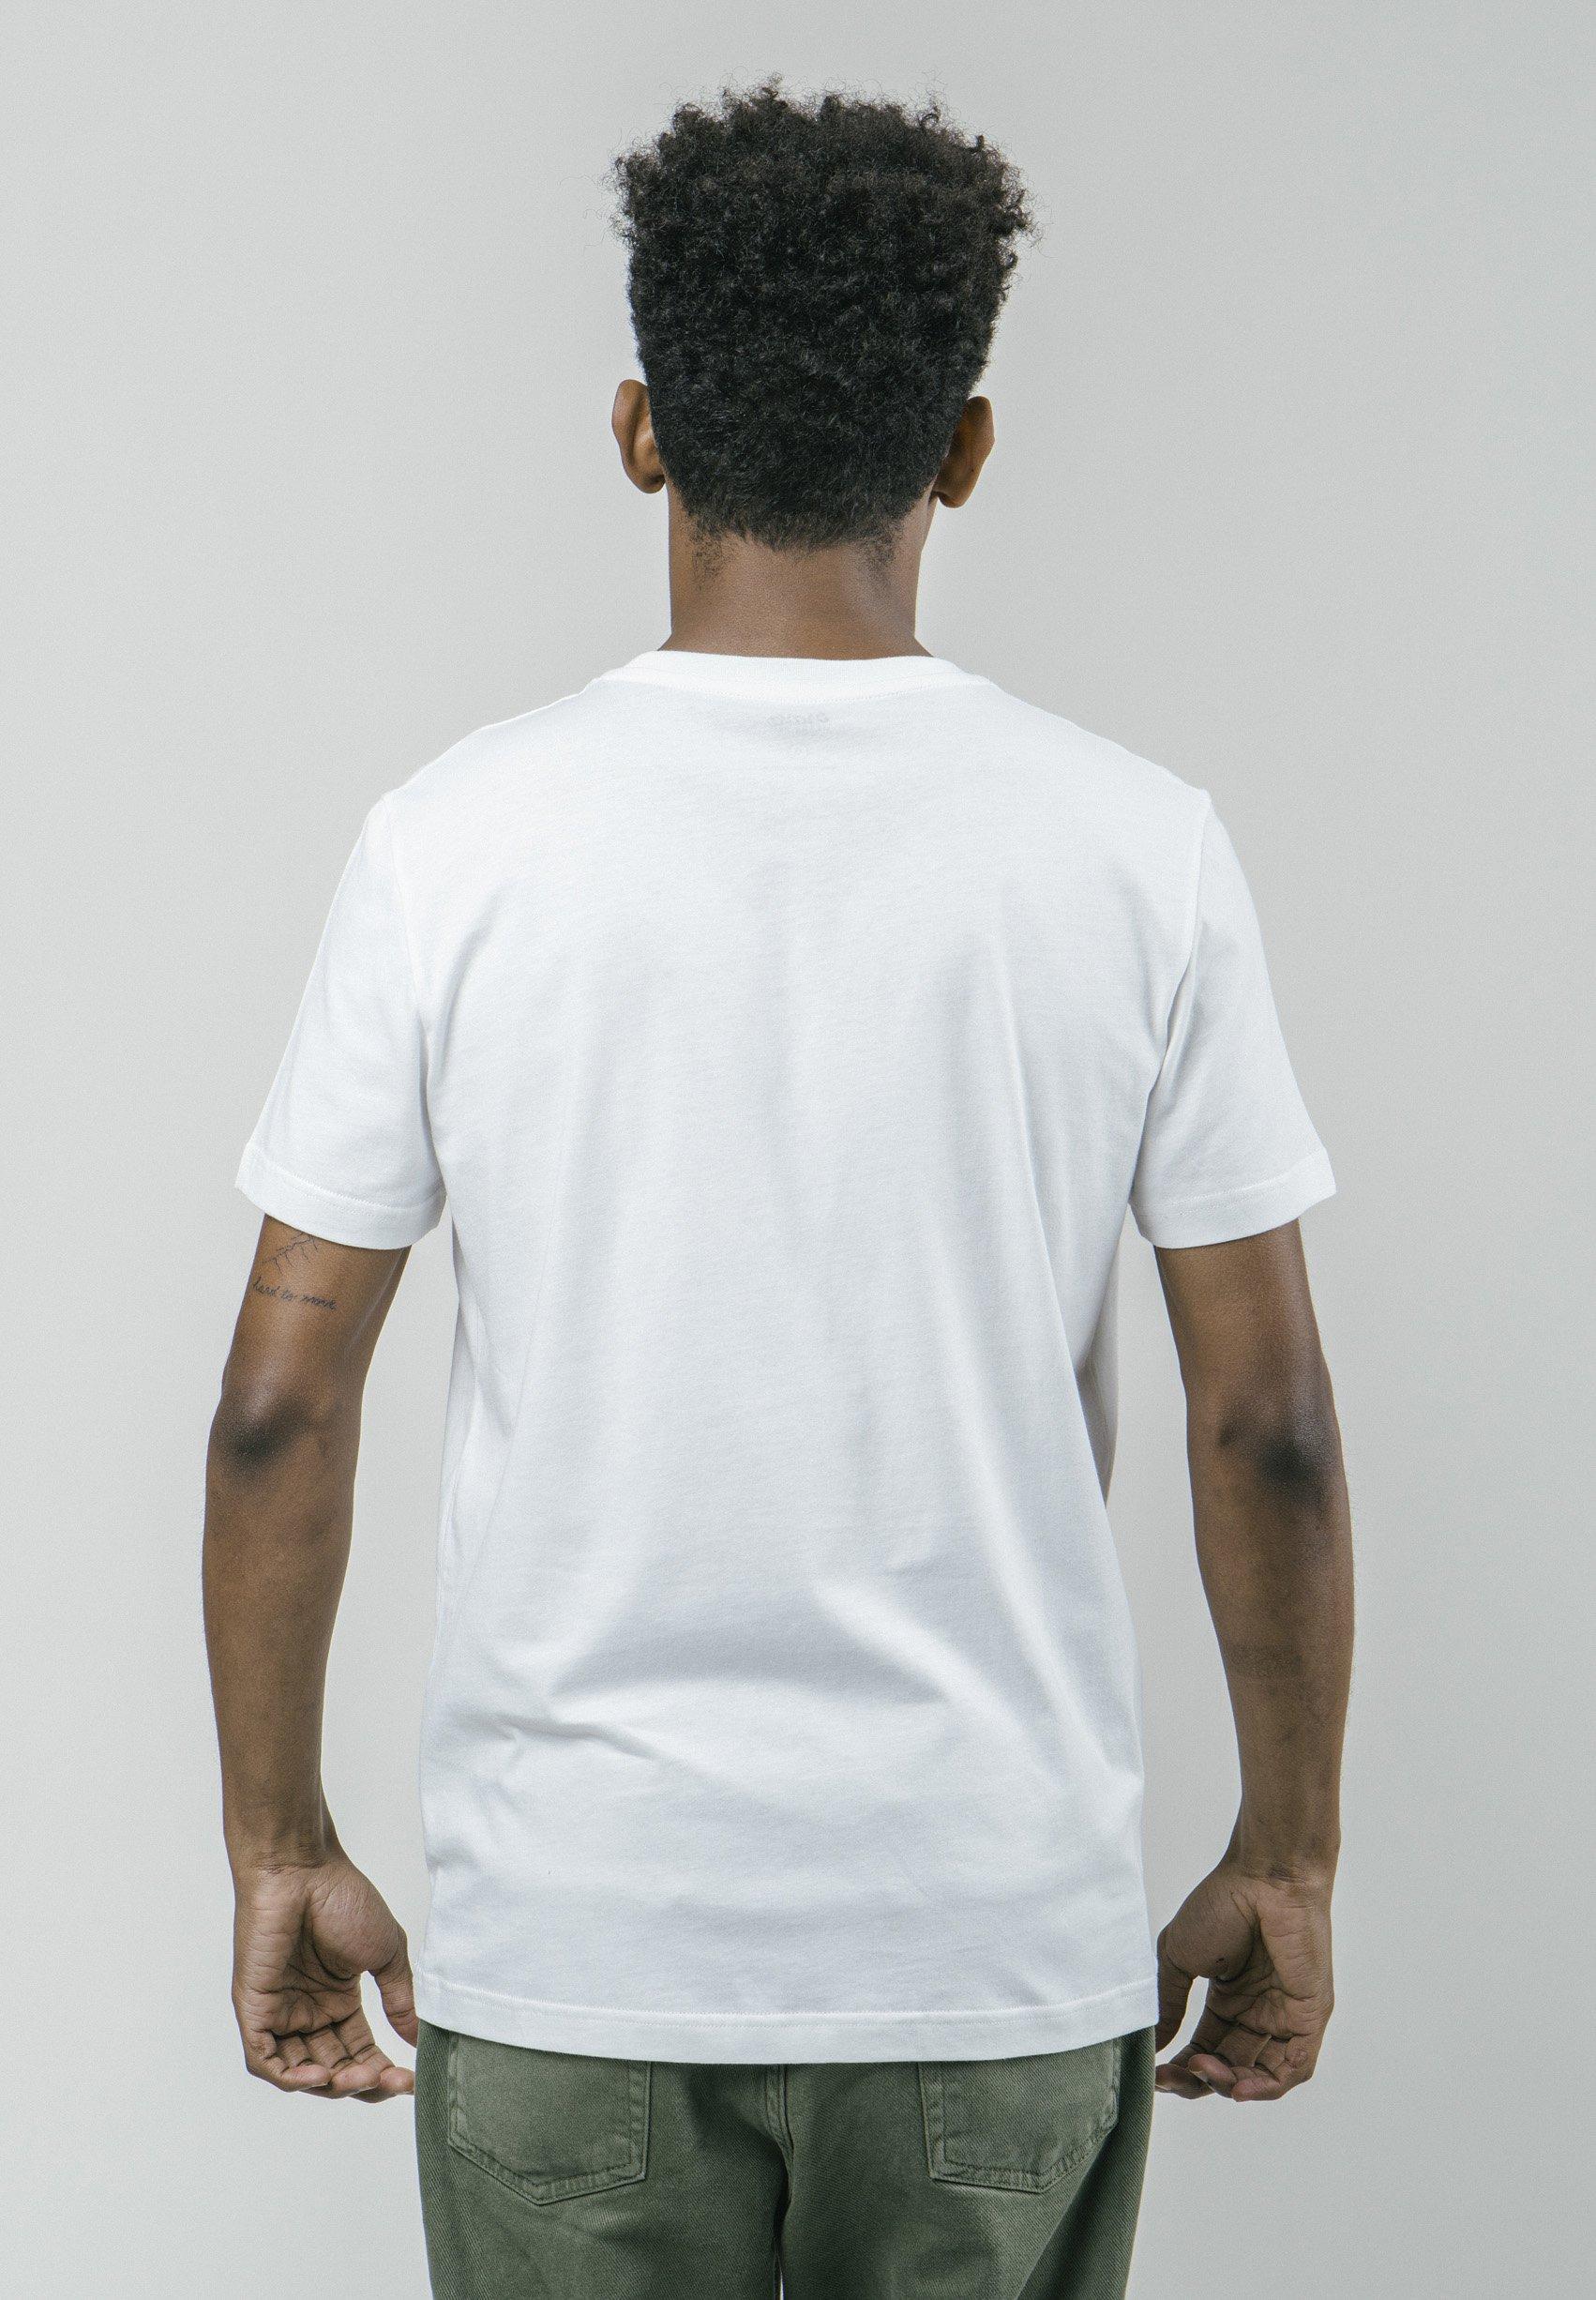 Ogromny zakres Gorąca wyprzedaż Brava Fabrics T-shirt z nadrukiem - white | Odzież męska 2020 zS2p3